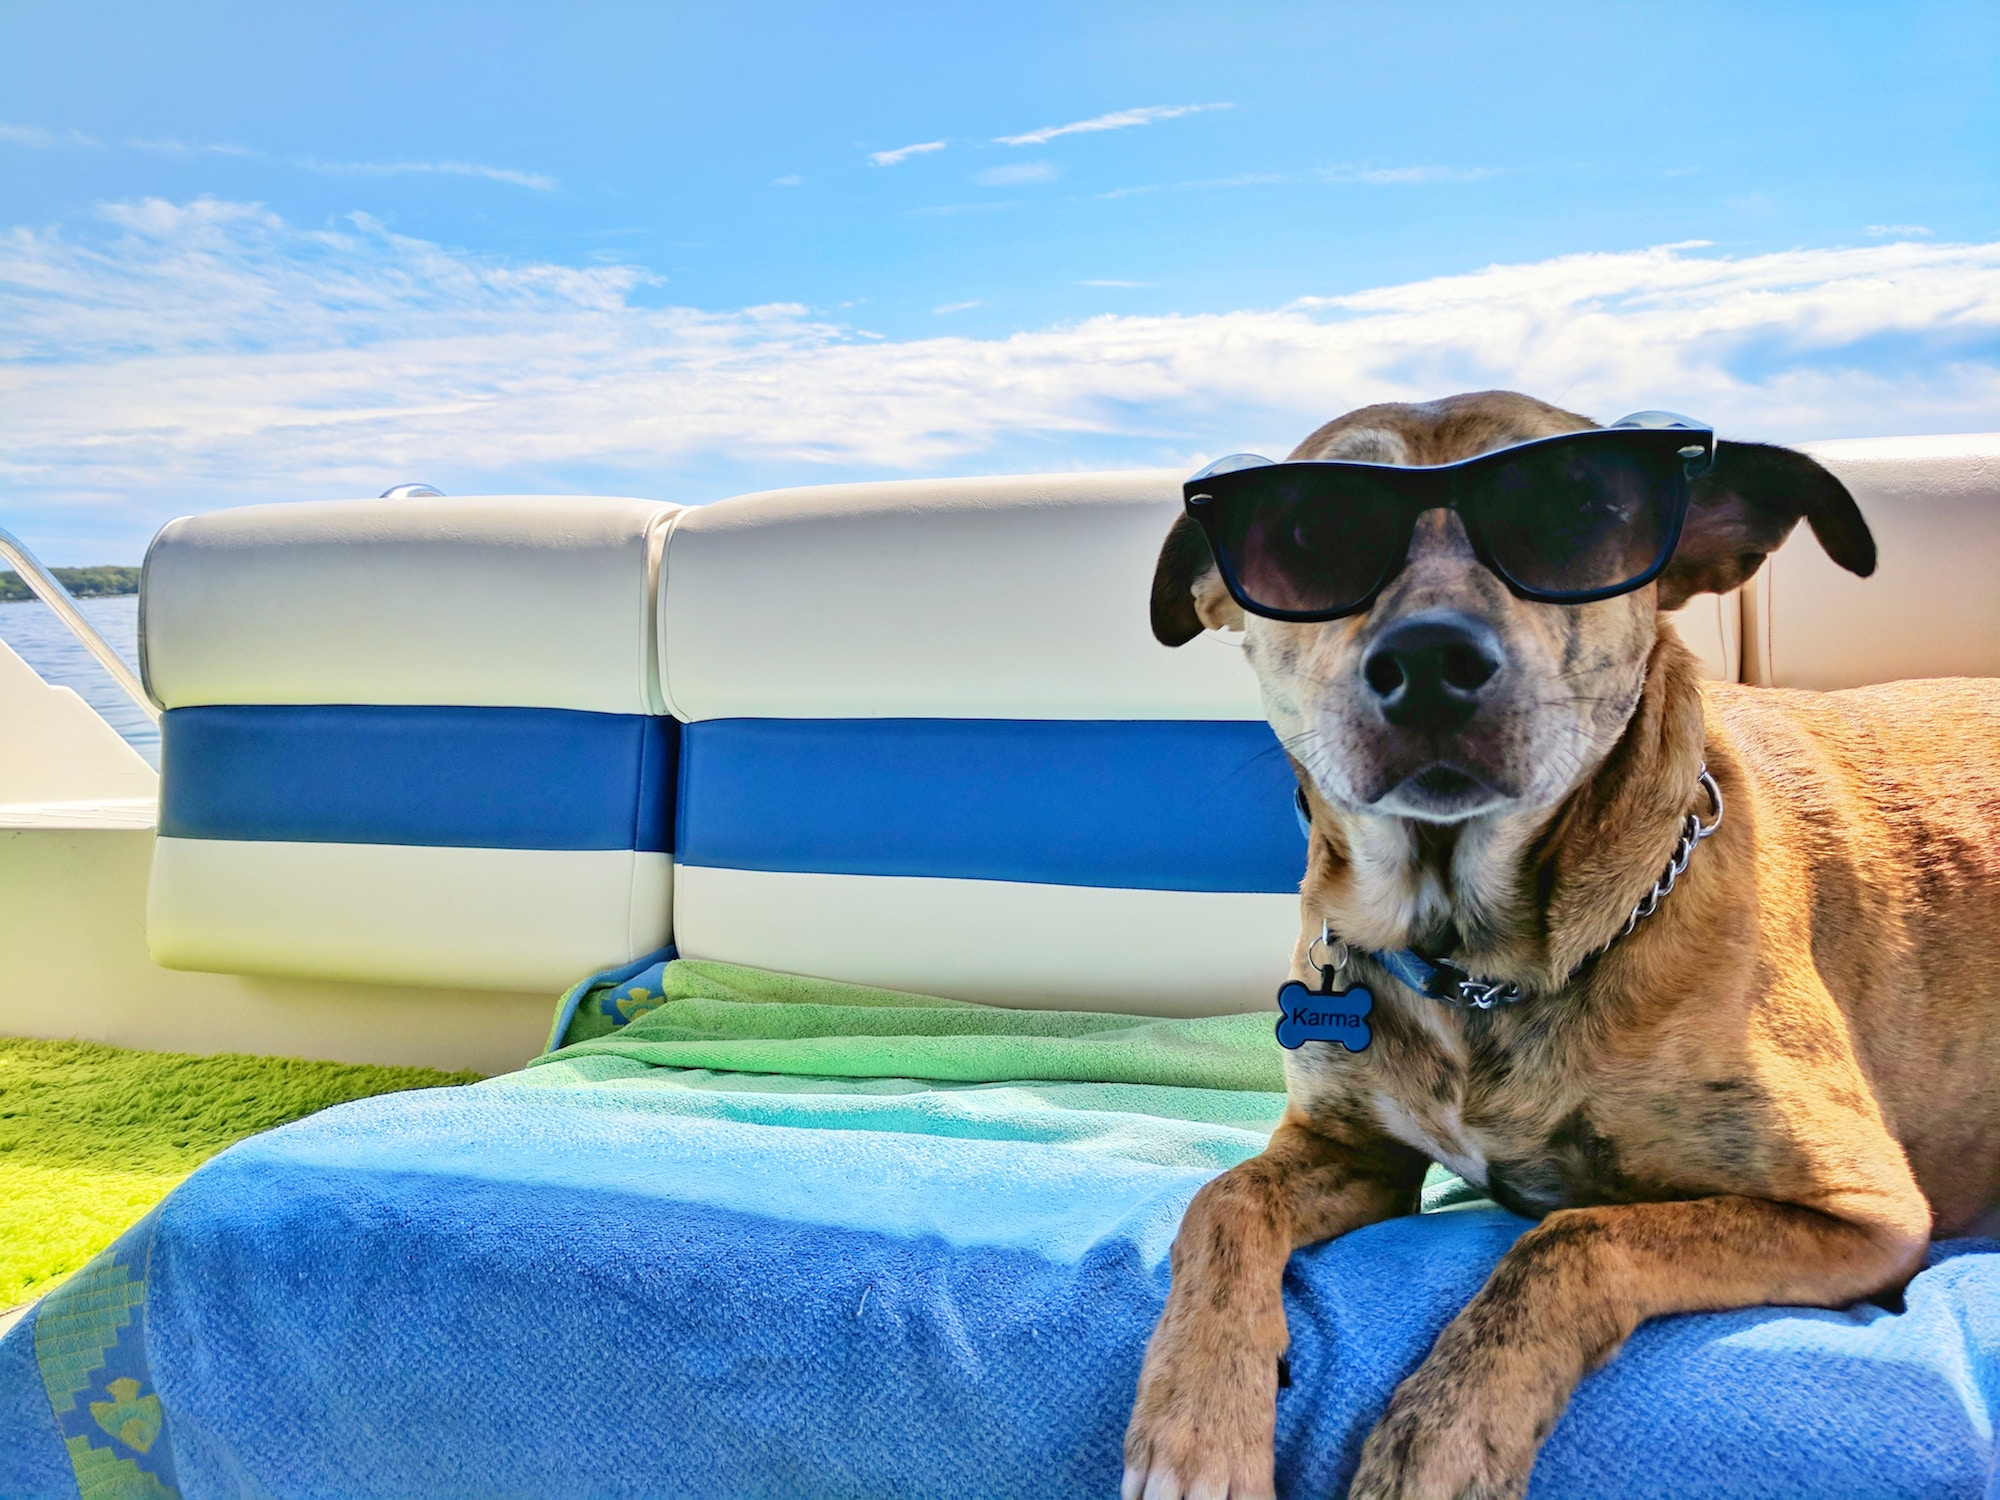 Dangerous products for dogs - Gublog | Gudog UK blog